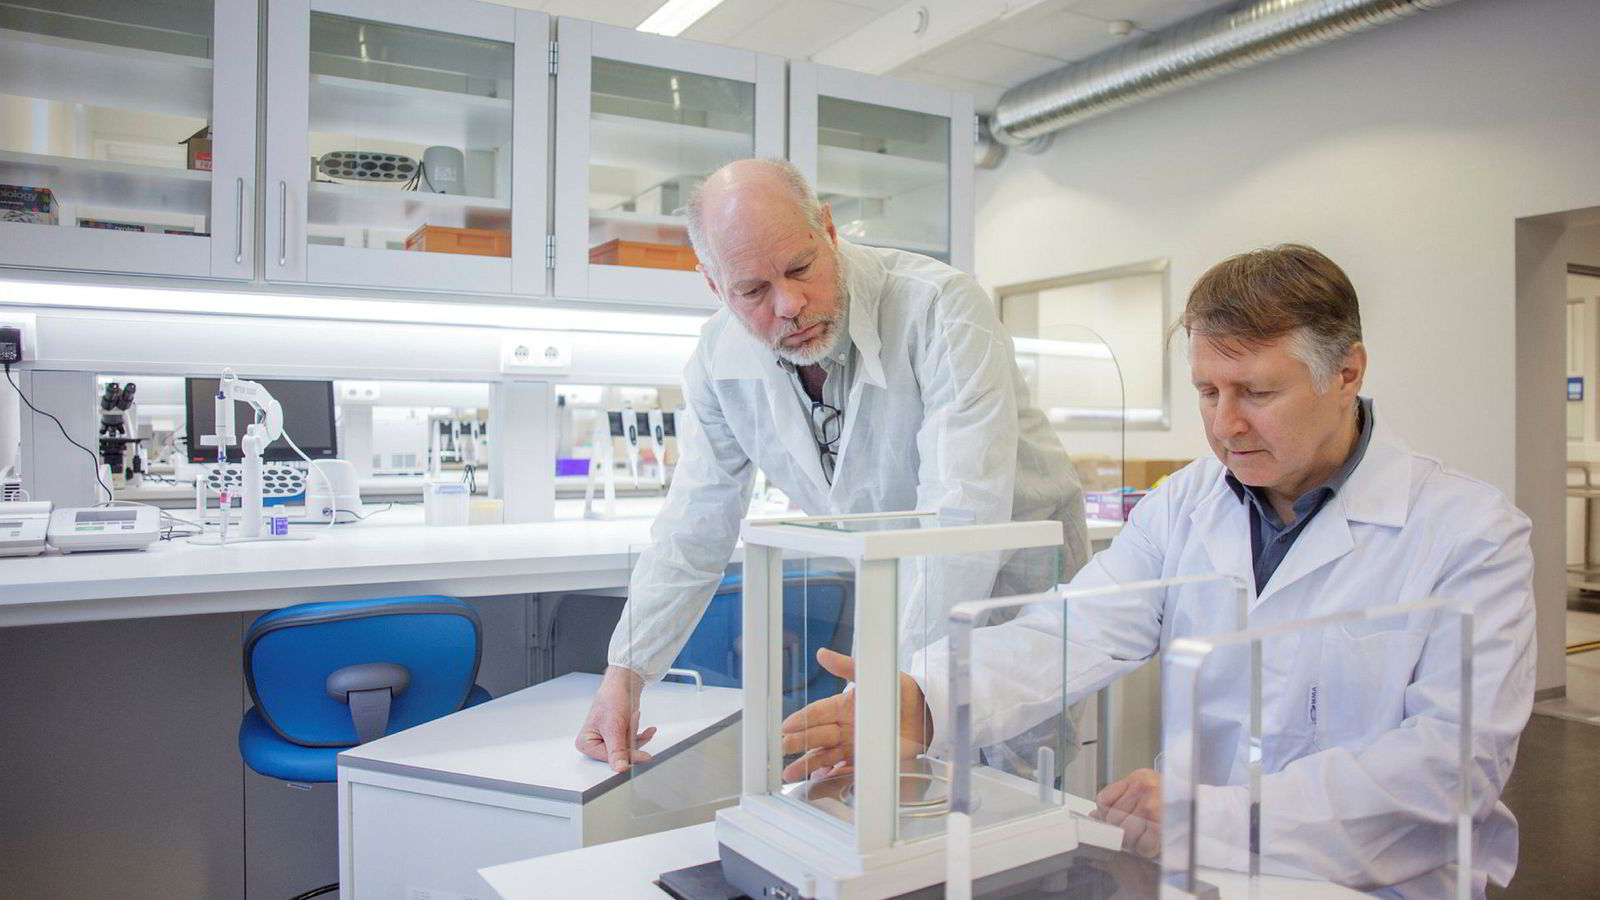 Øyvind S. Bruland og Roy Hartvig Larsen (til høyre) er godt i gang med sin tredje start-up med egenutviklet teknologi for kreftstråling, her i sitt nye laboratorium i Nydalen hvor de utvikler et produkt mot kreft i bukhulen.